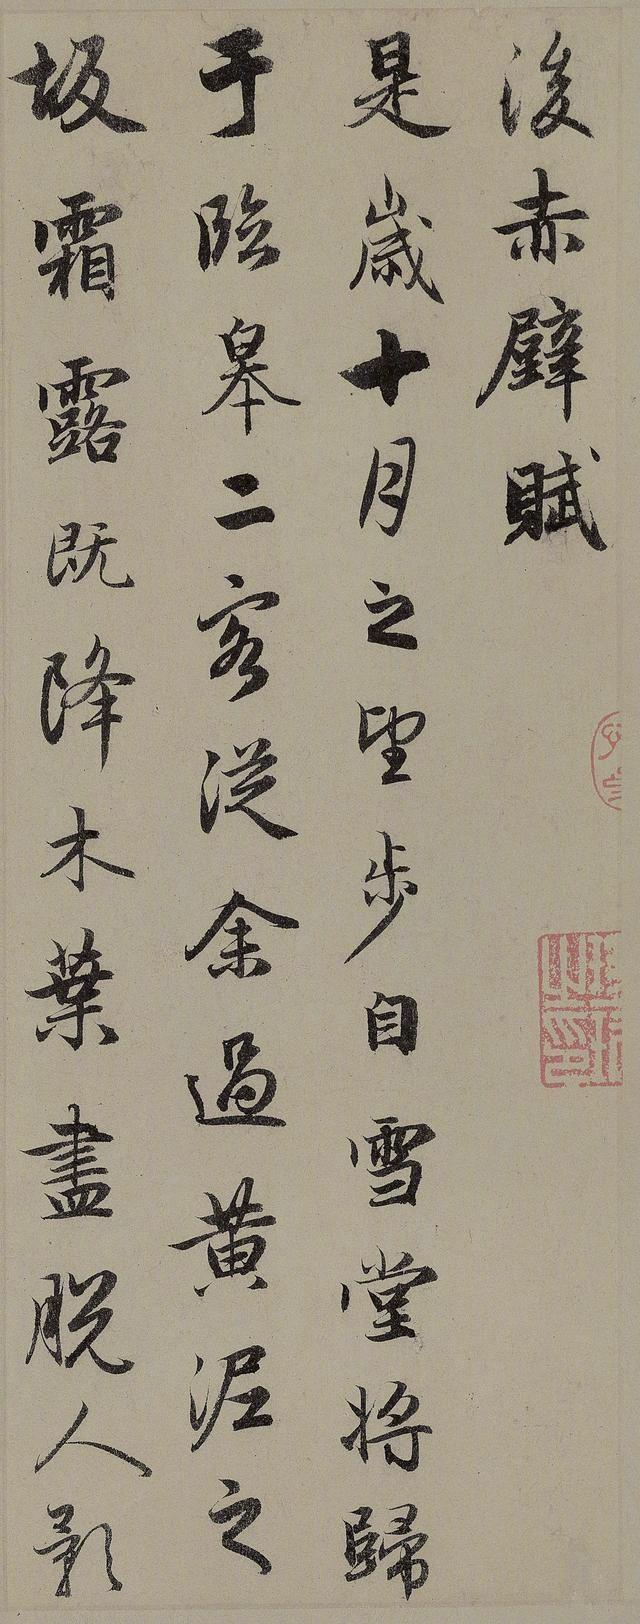 赵孟頫丨后赤壁赋 。